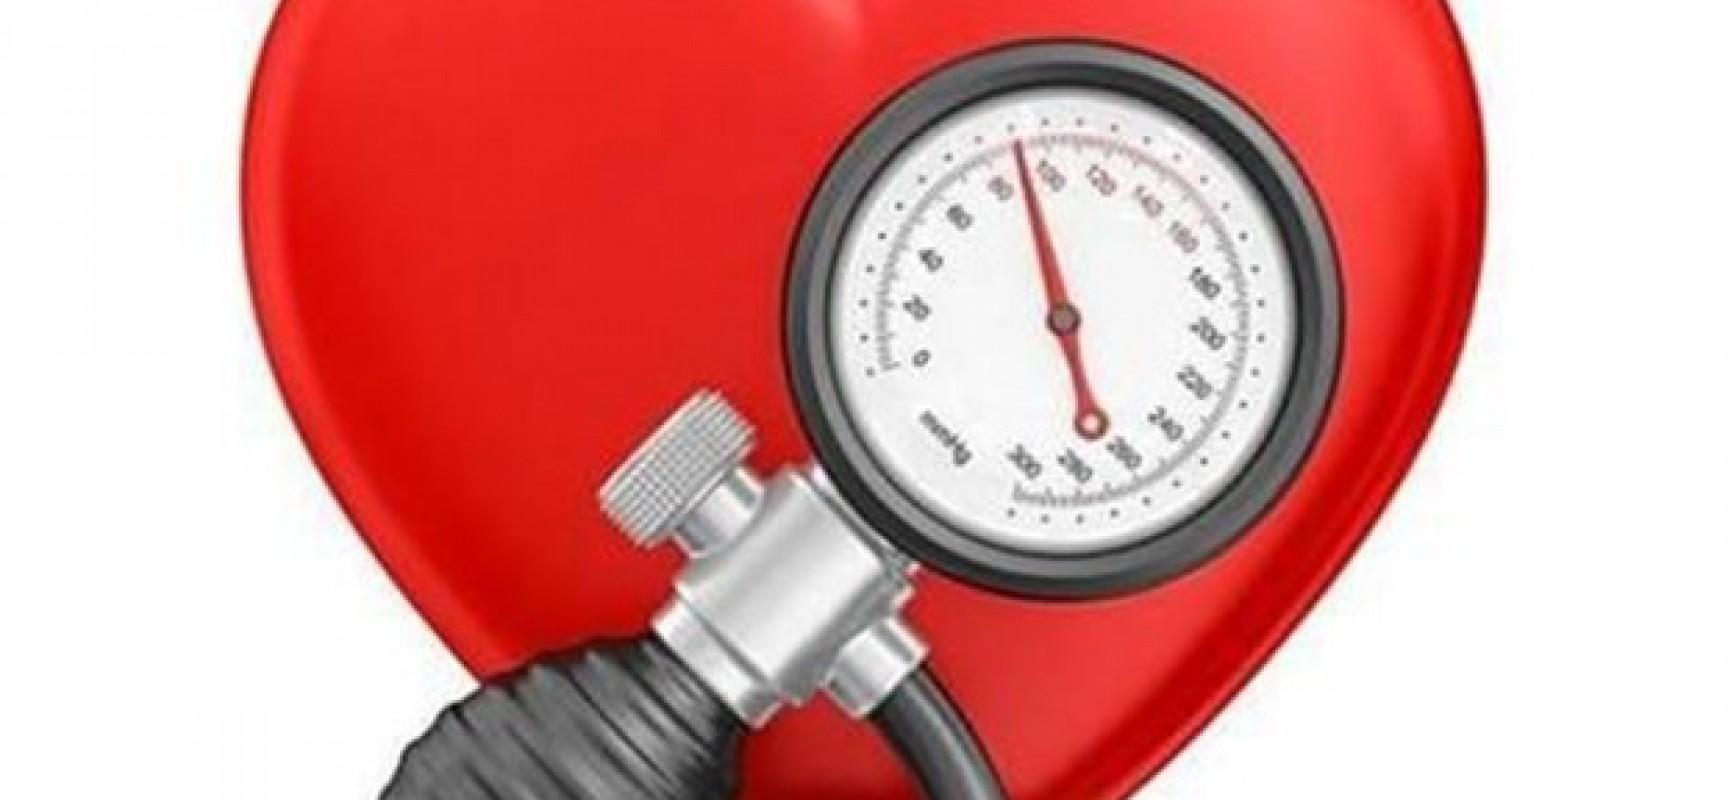 Υψηλή πίεση: Τα καλύτερα γιατροσόφια για να τη ρίξετε